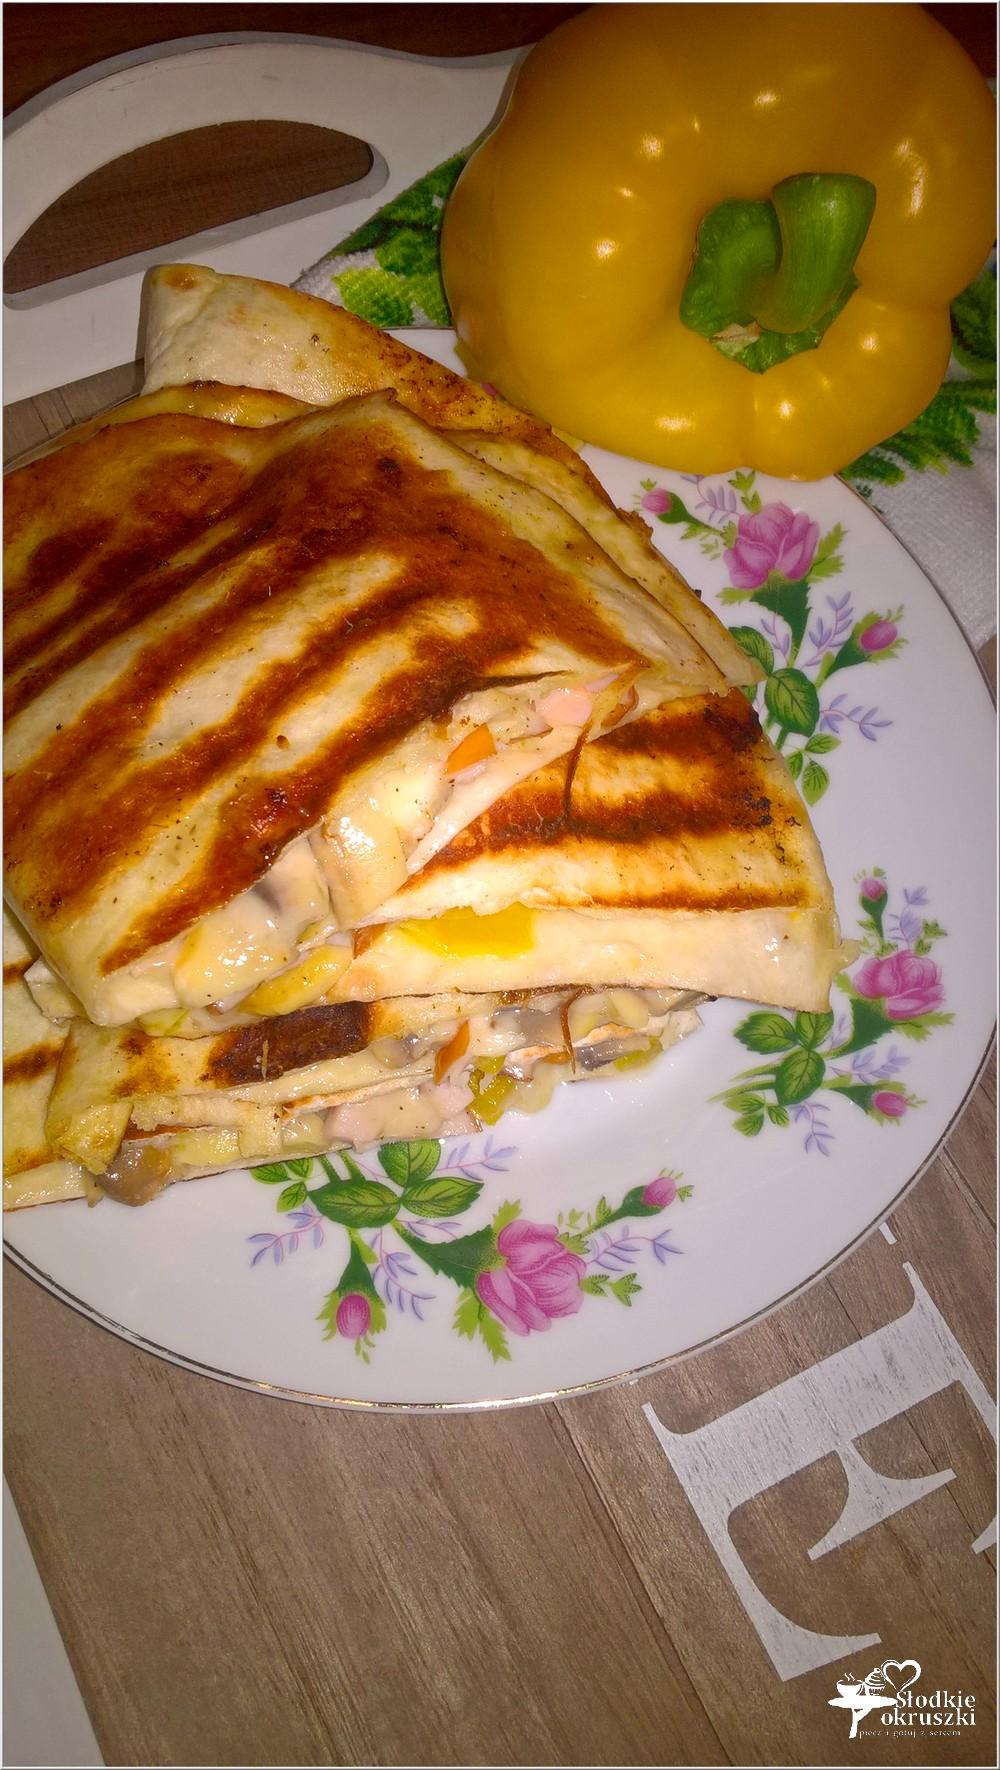 Grillowane tortille z serem korycińskim, kurczakiem i pieczarkami (3)